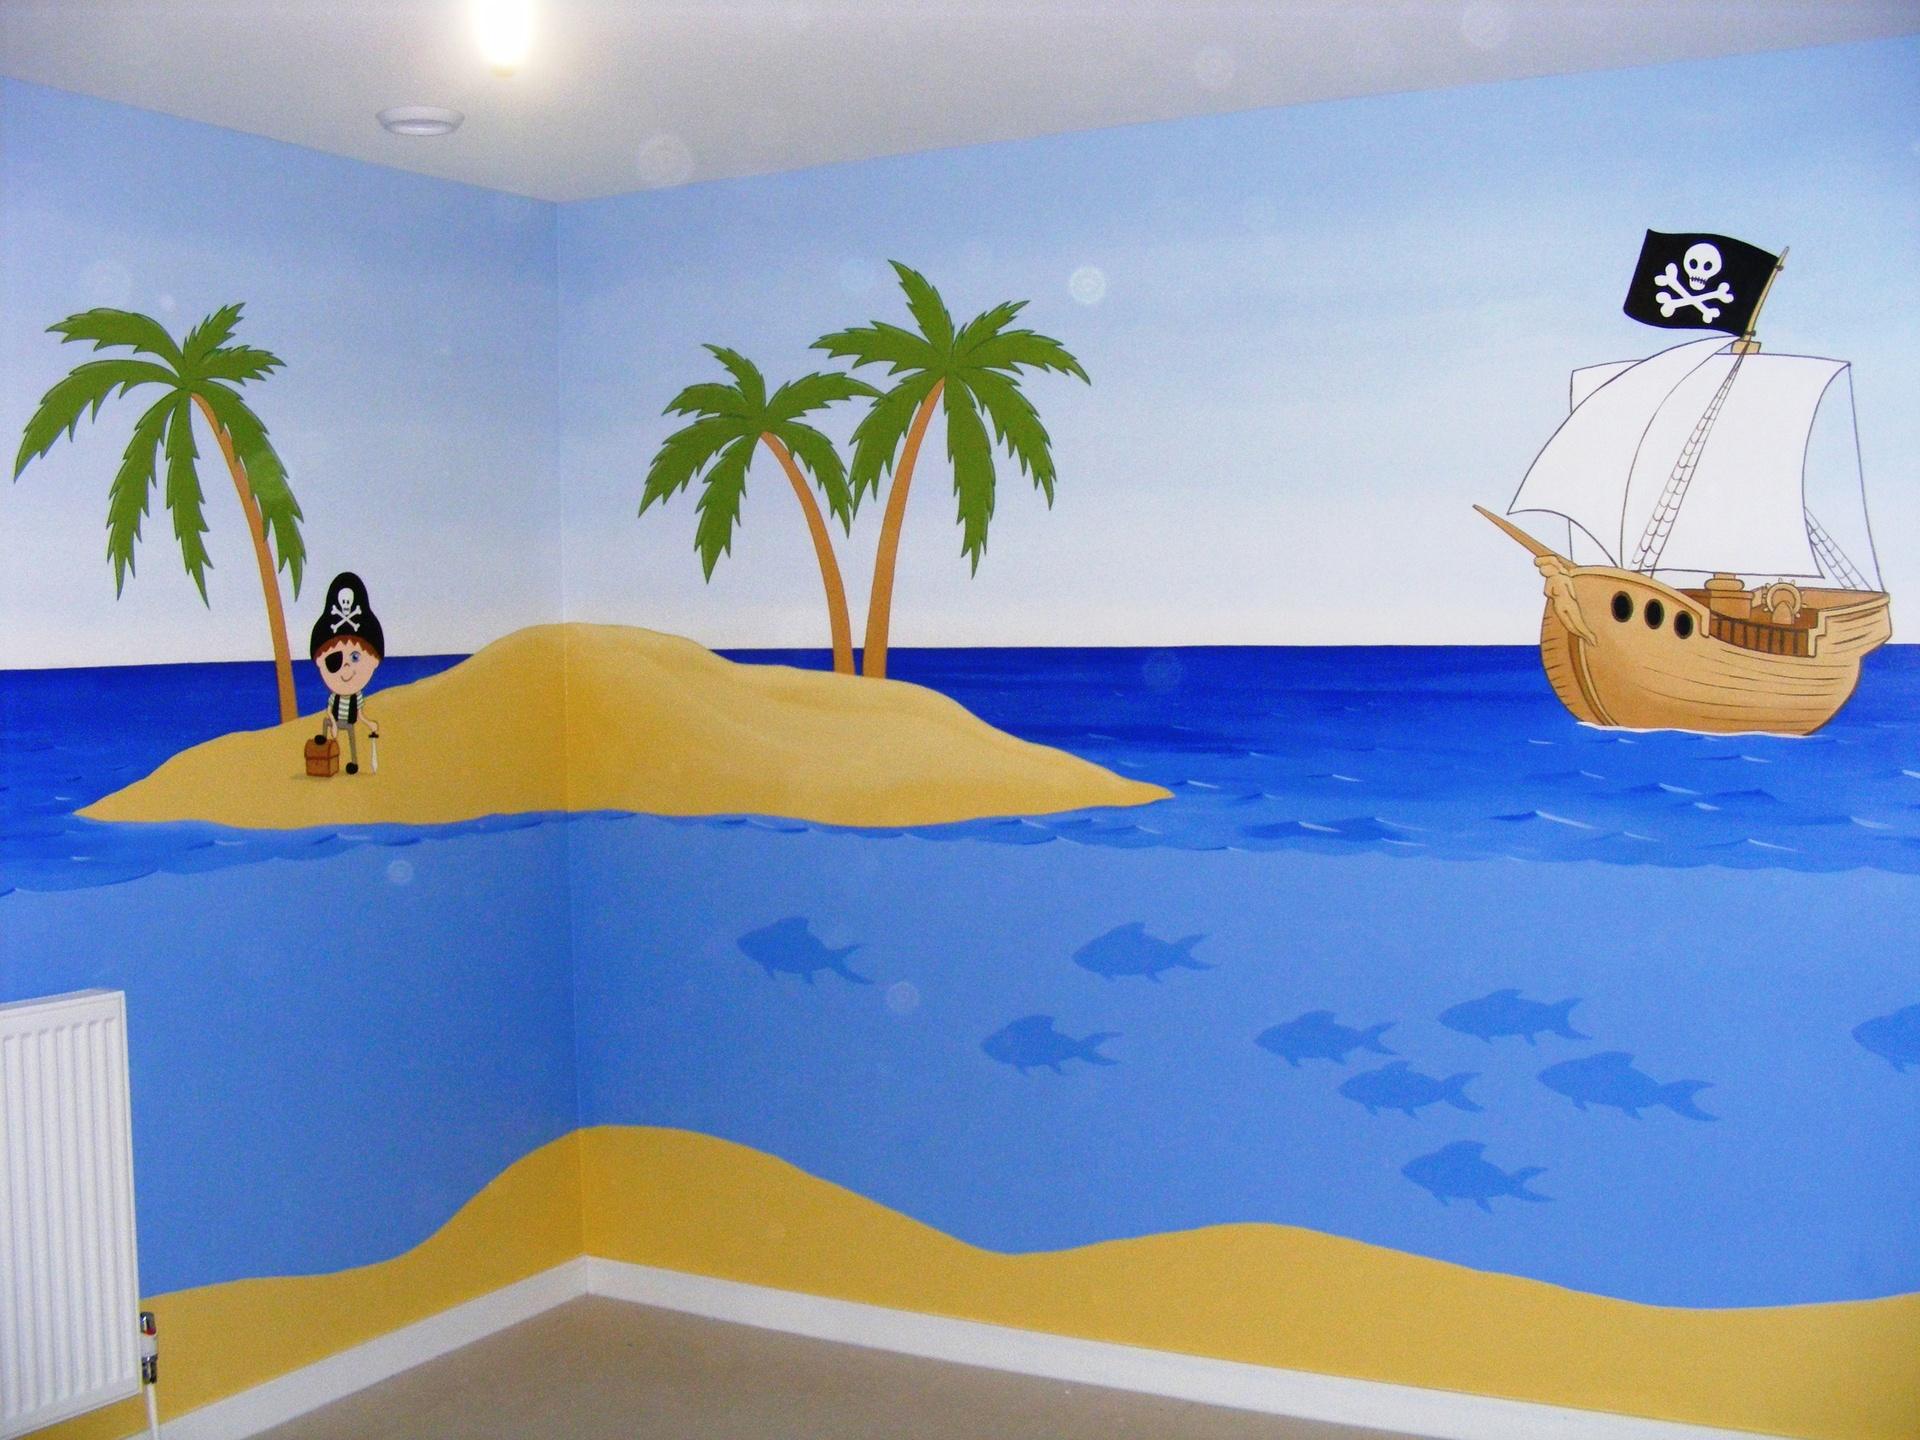 Pirate Ship Wallpaper Mural Wallpapersafari